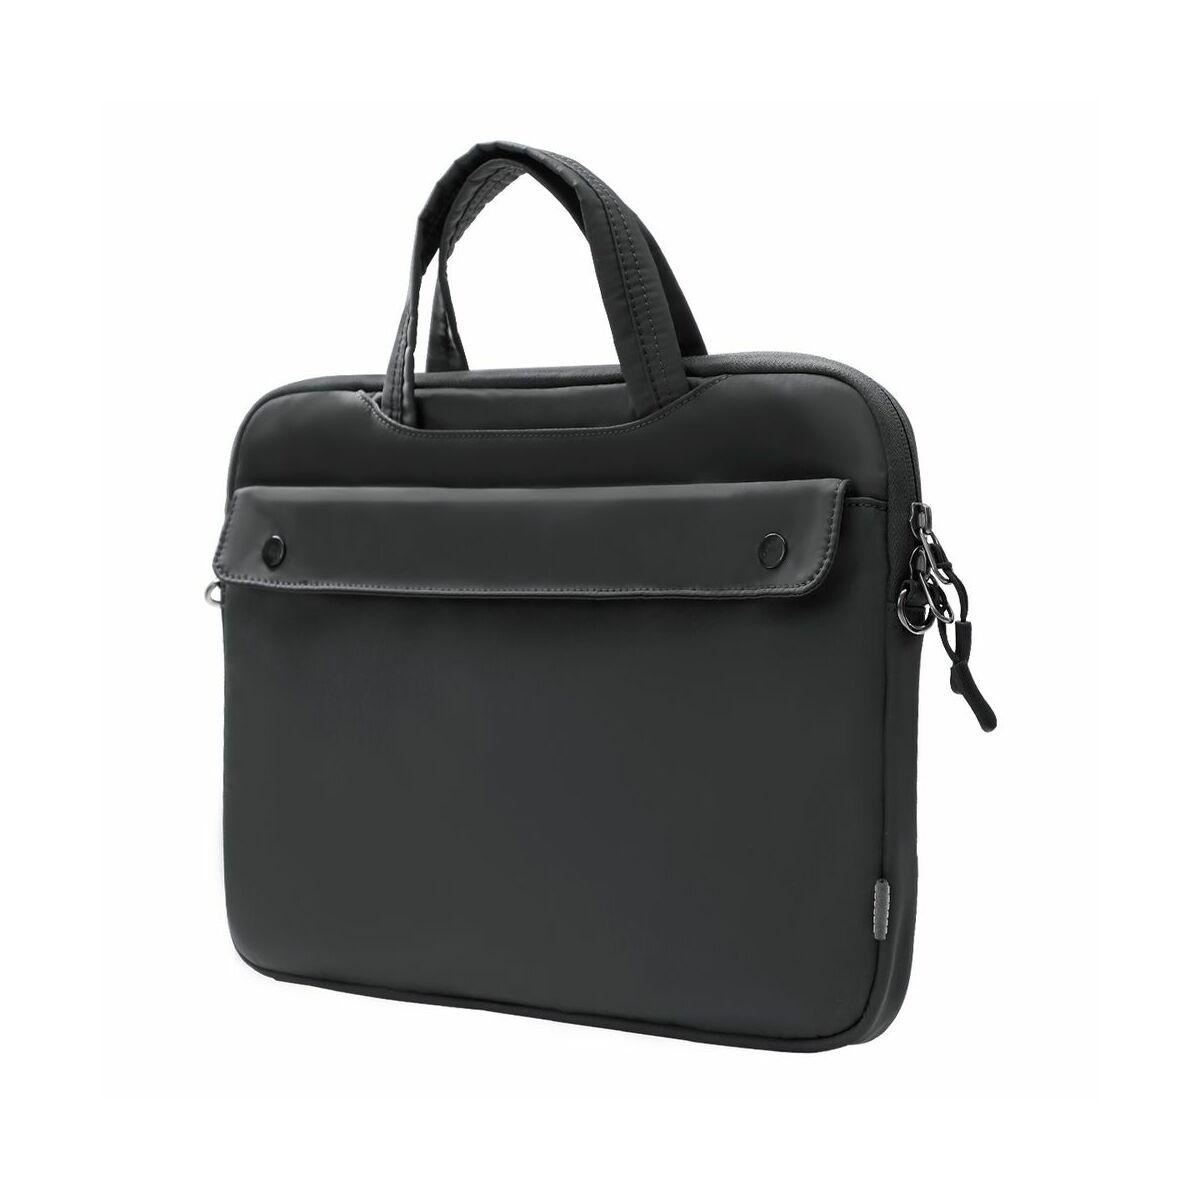 Baseus kézi táska, Basics series, laptop válltáska (16 inch, 380 x 265 x 20 mm), szürke (LBJN-H0G)